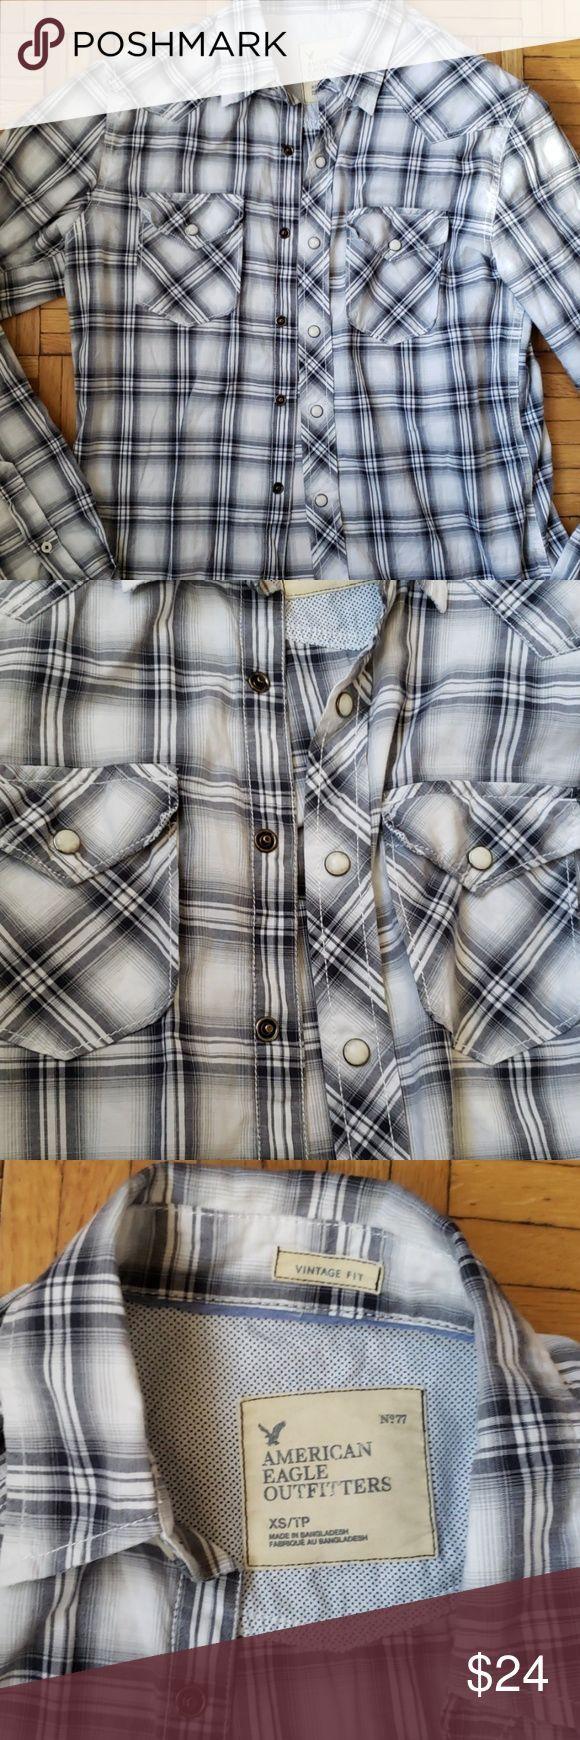 Vintage American Eagle shirt Vintage American Eagle shirt - drukknoop voorkant - s ...,  Vintage American Eagle shirt Vintage American Eagle shirt - drukknoop voorkant - s ...,